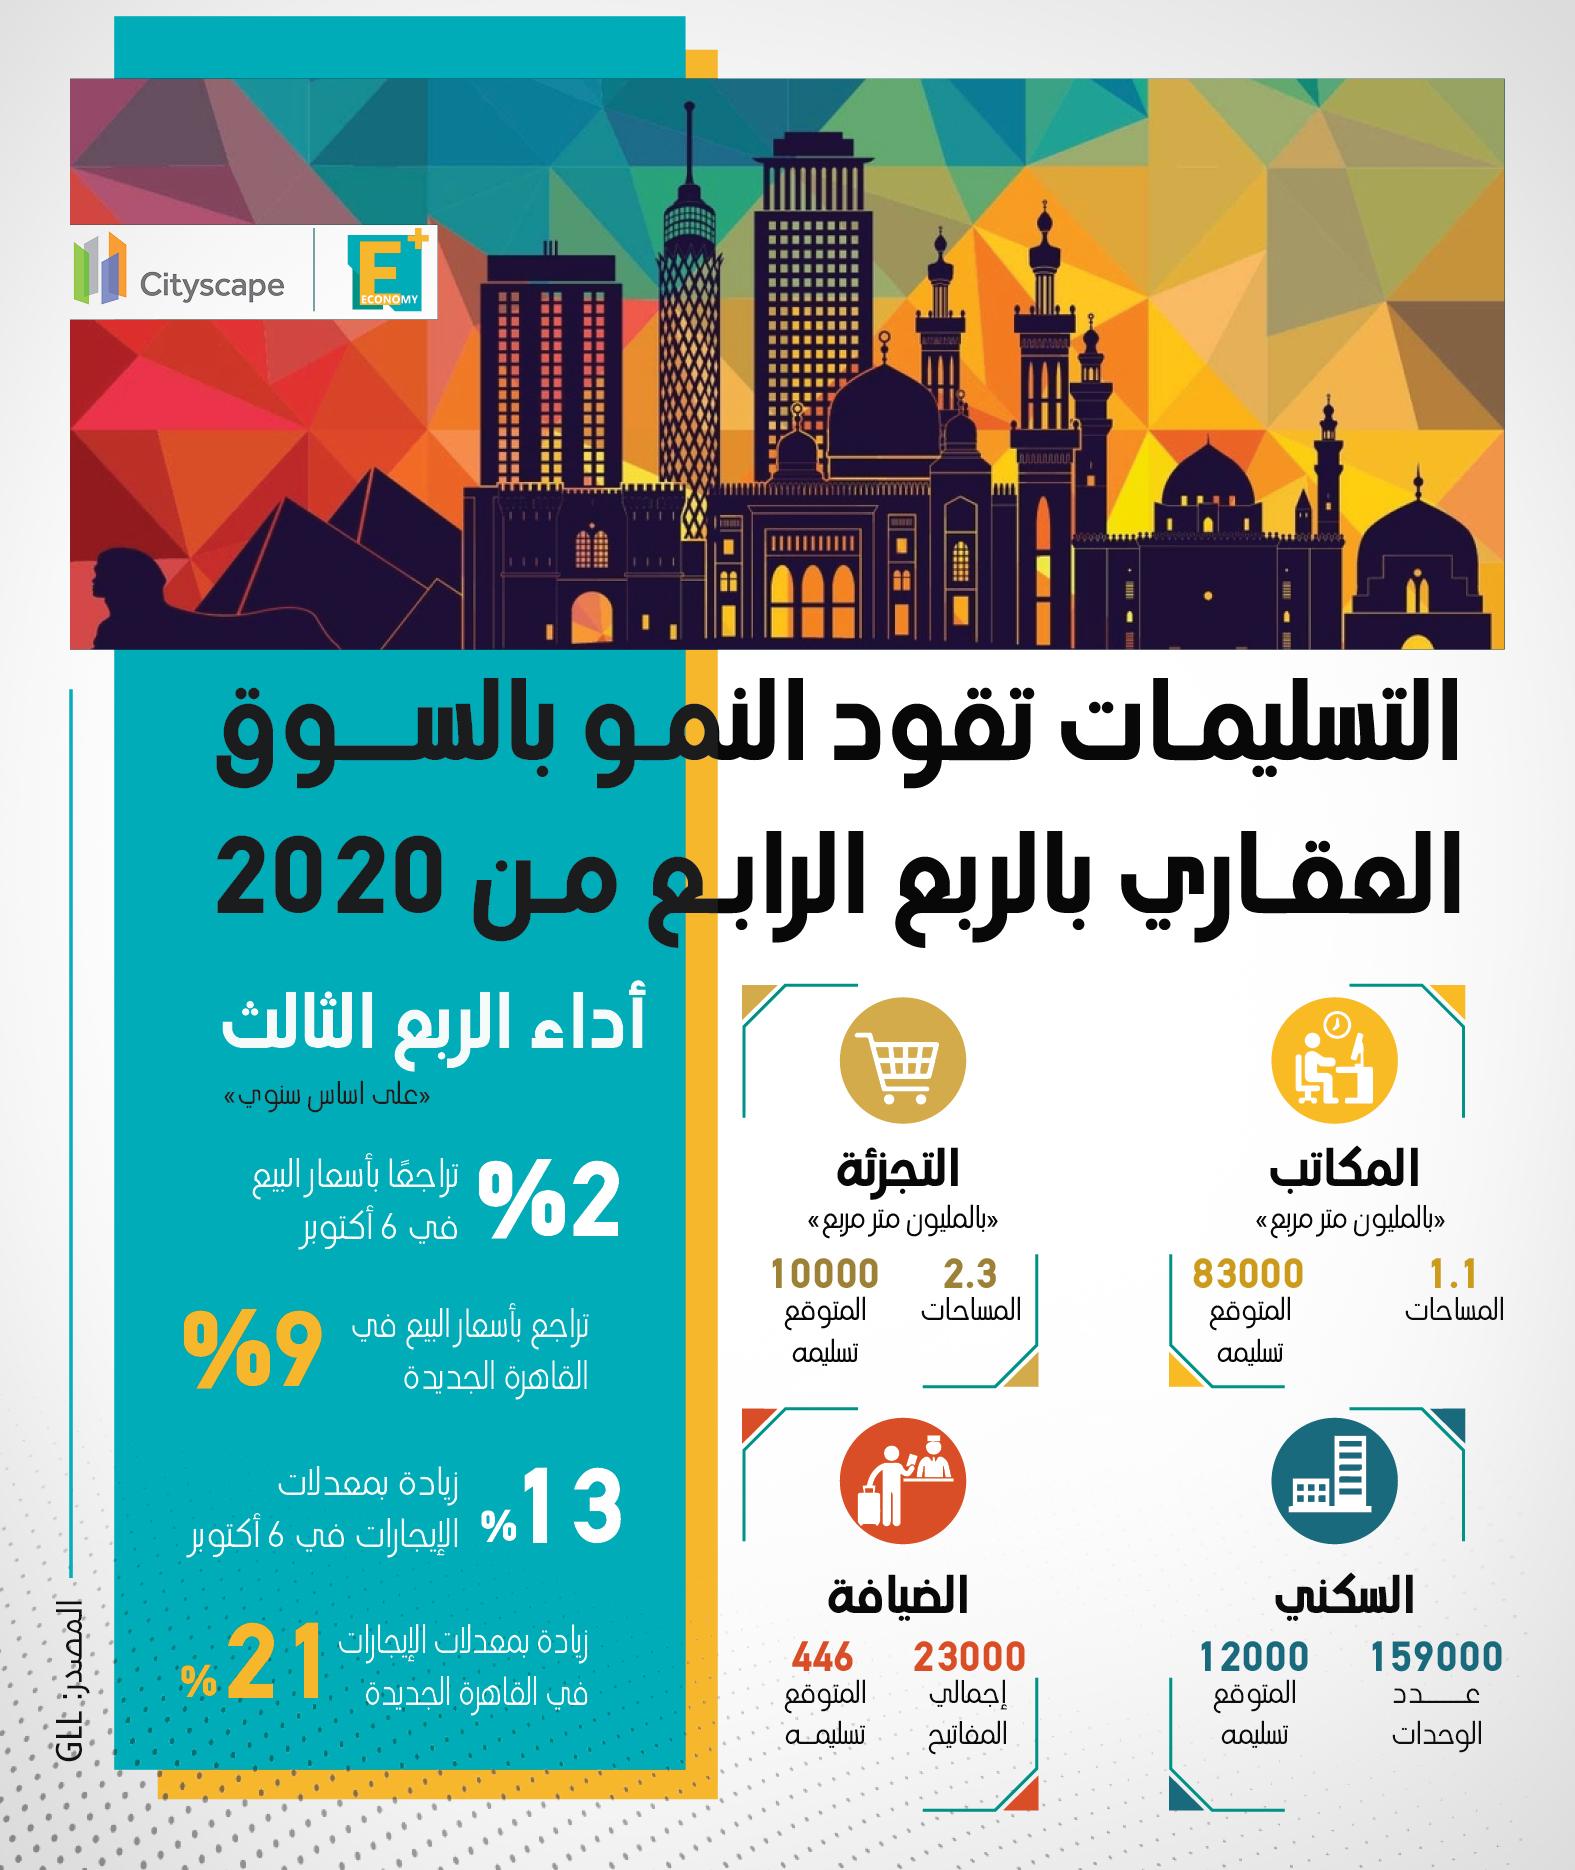 التسليمات تقود النمو بالسوق العقاري بالربع الرابع من 2020